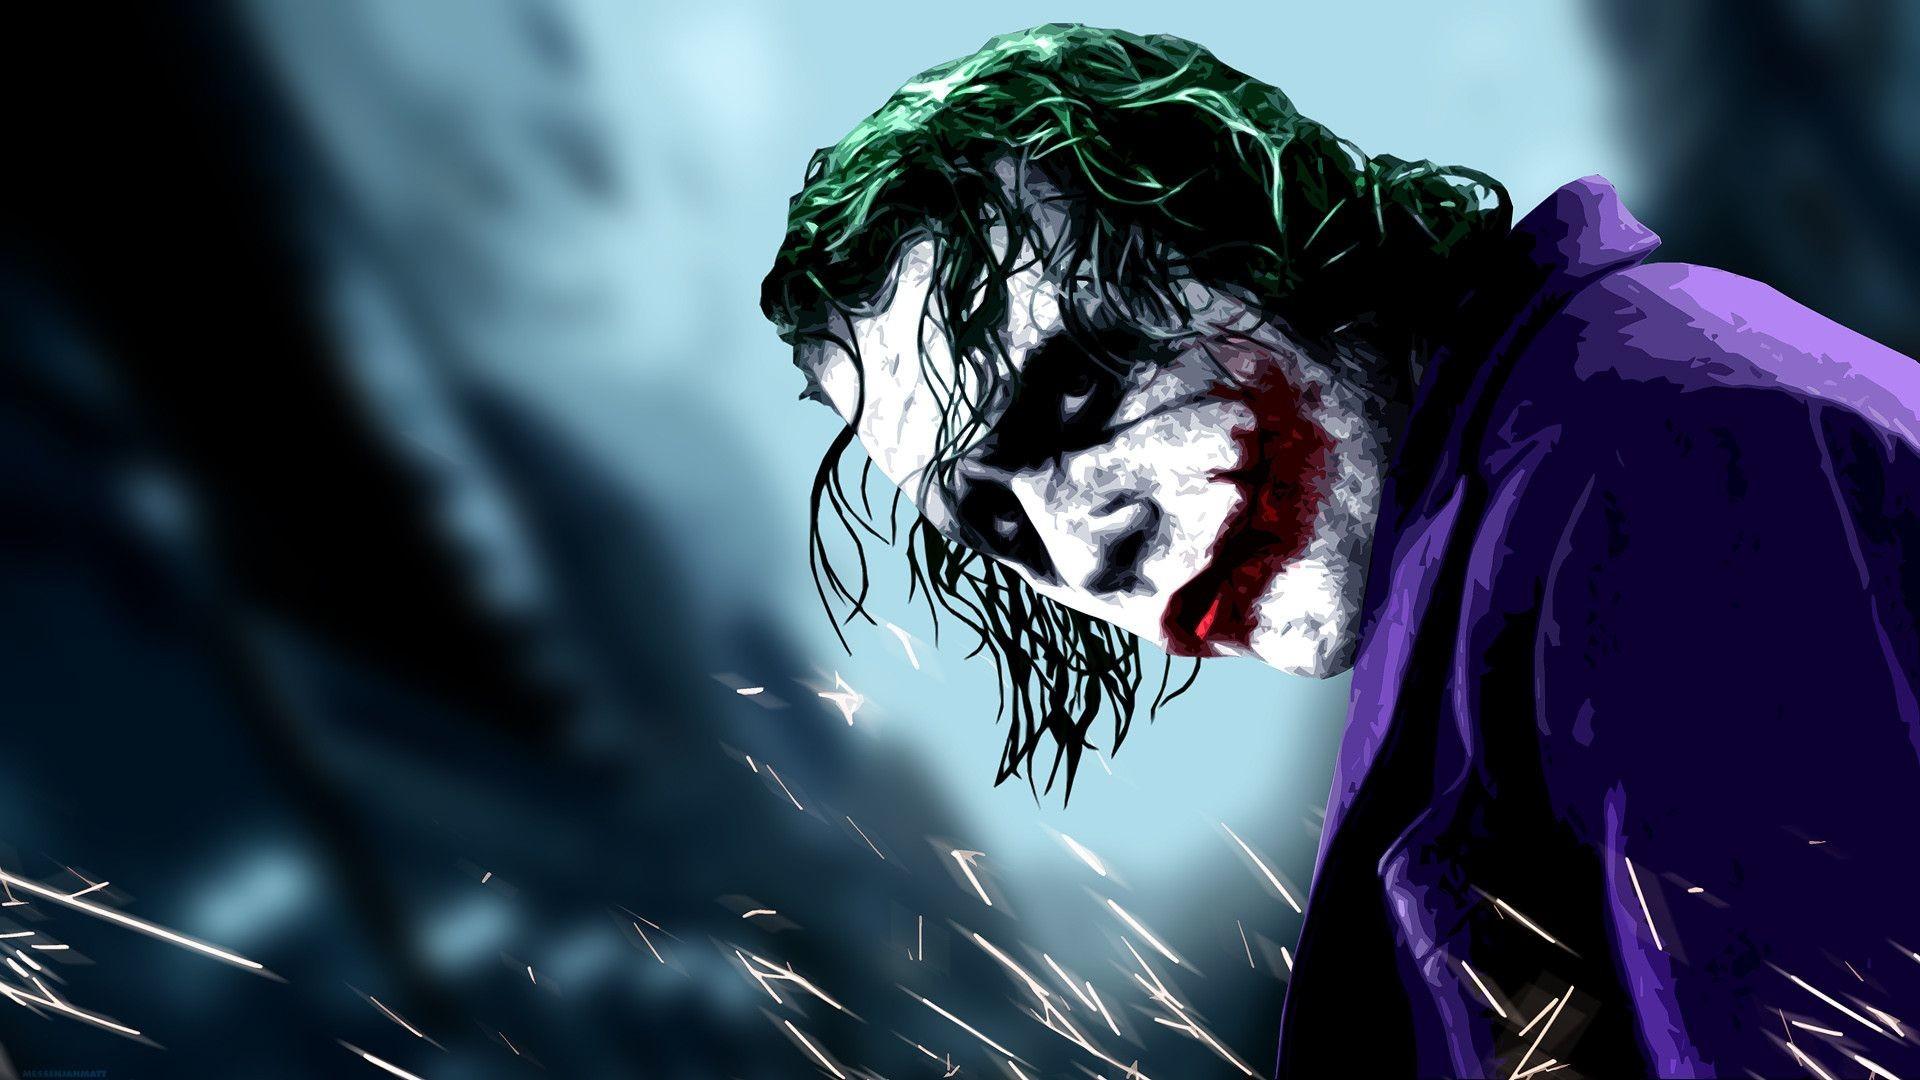 Heath Ledger Joker Wallpaper 1